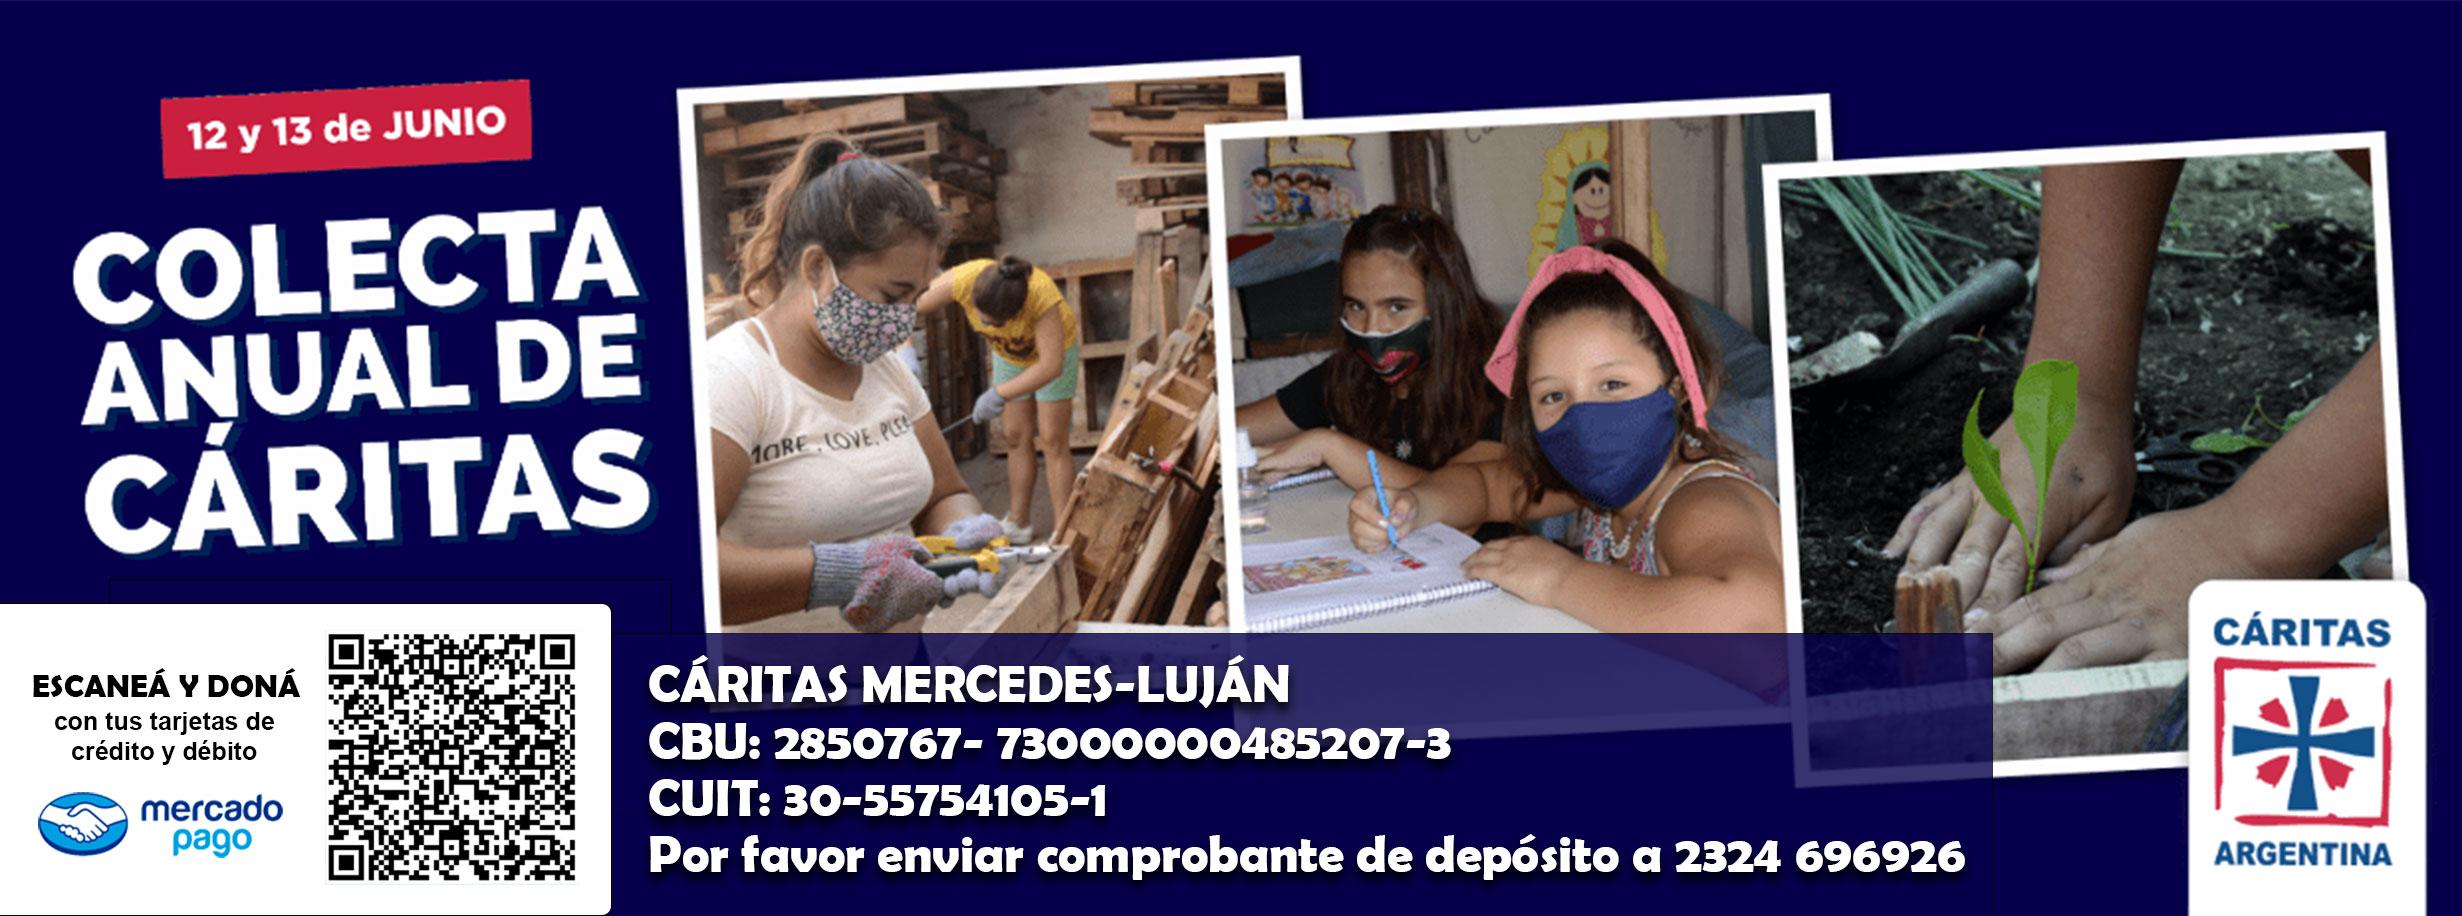 http://arquimercedes-lujan.com.ar/wp-content/uploads/2021/06/Banner.jpg